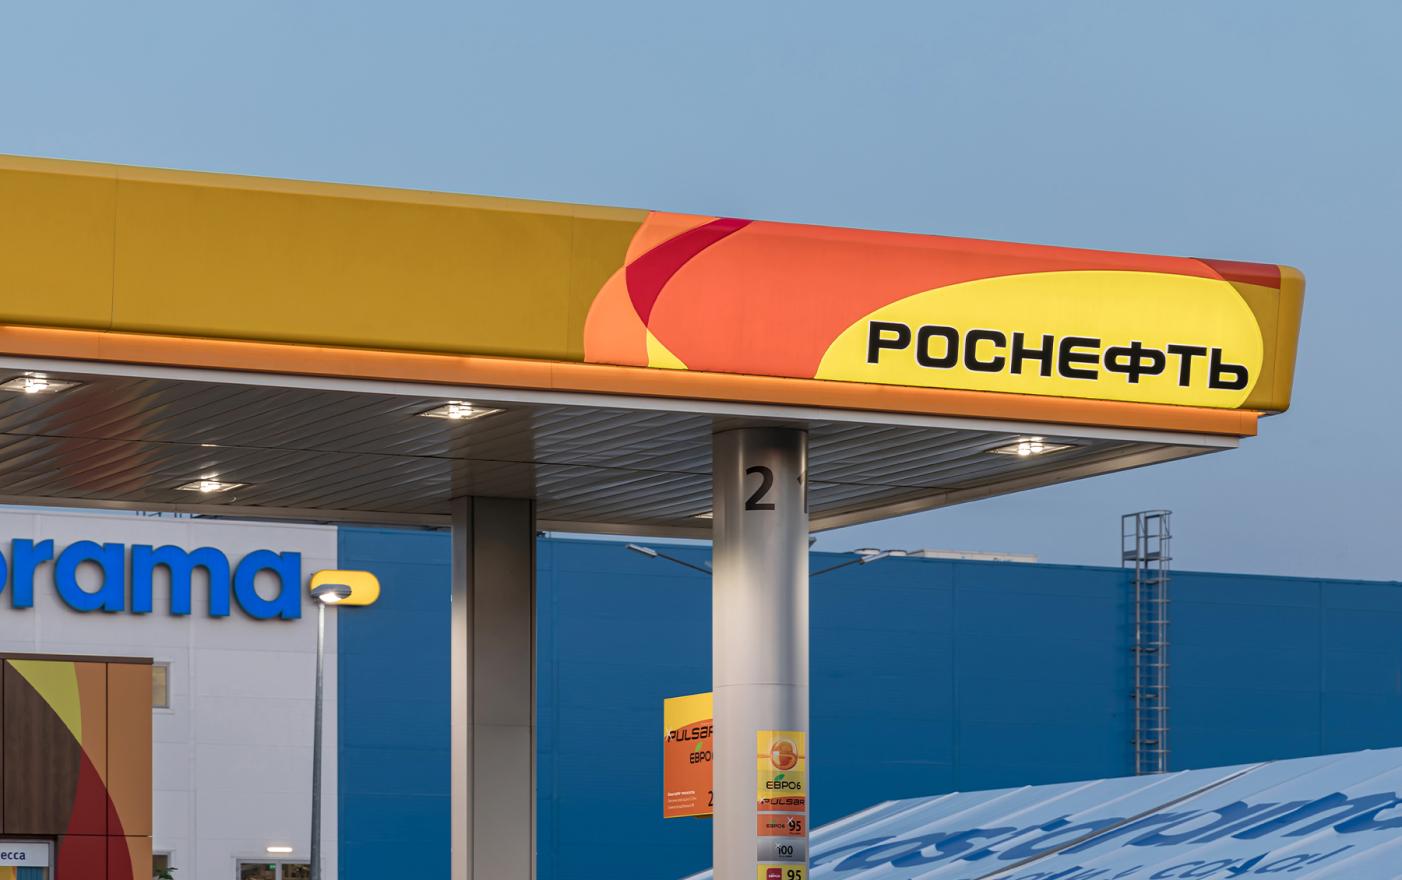 Фриз навеса автозаправочной станции Роснефть